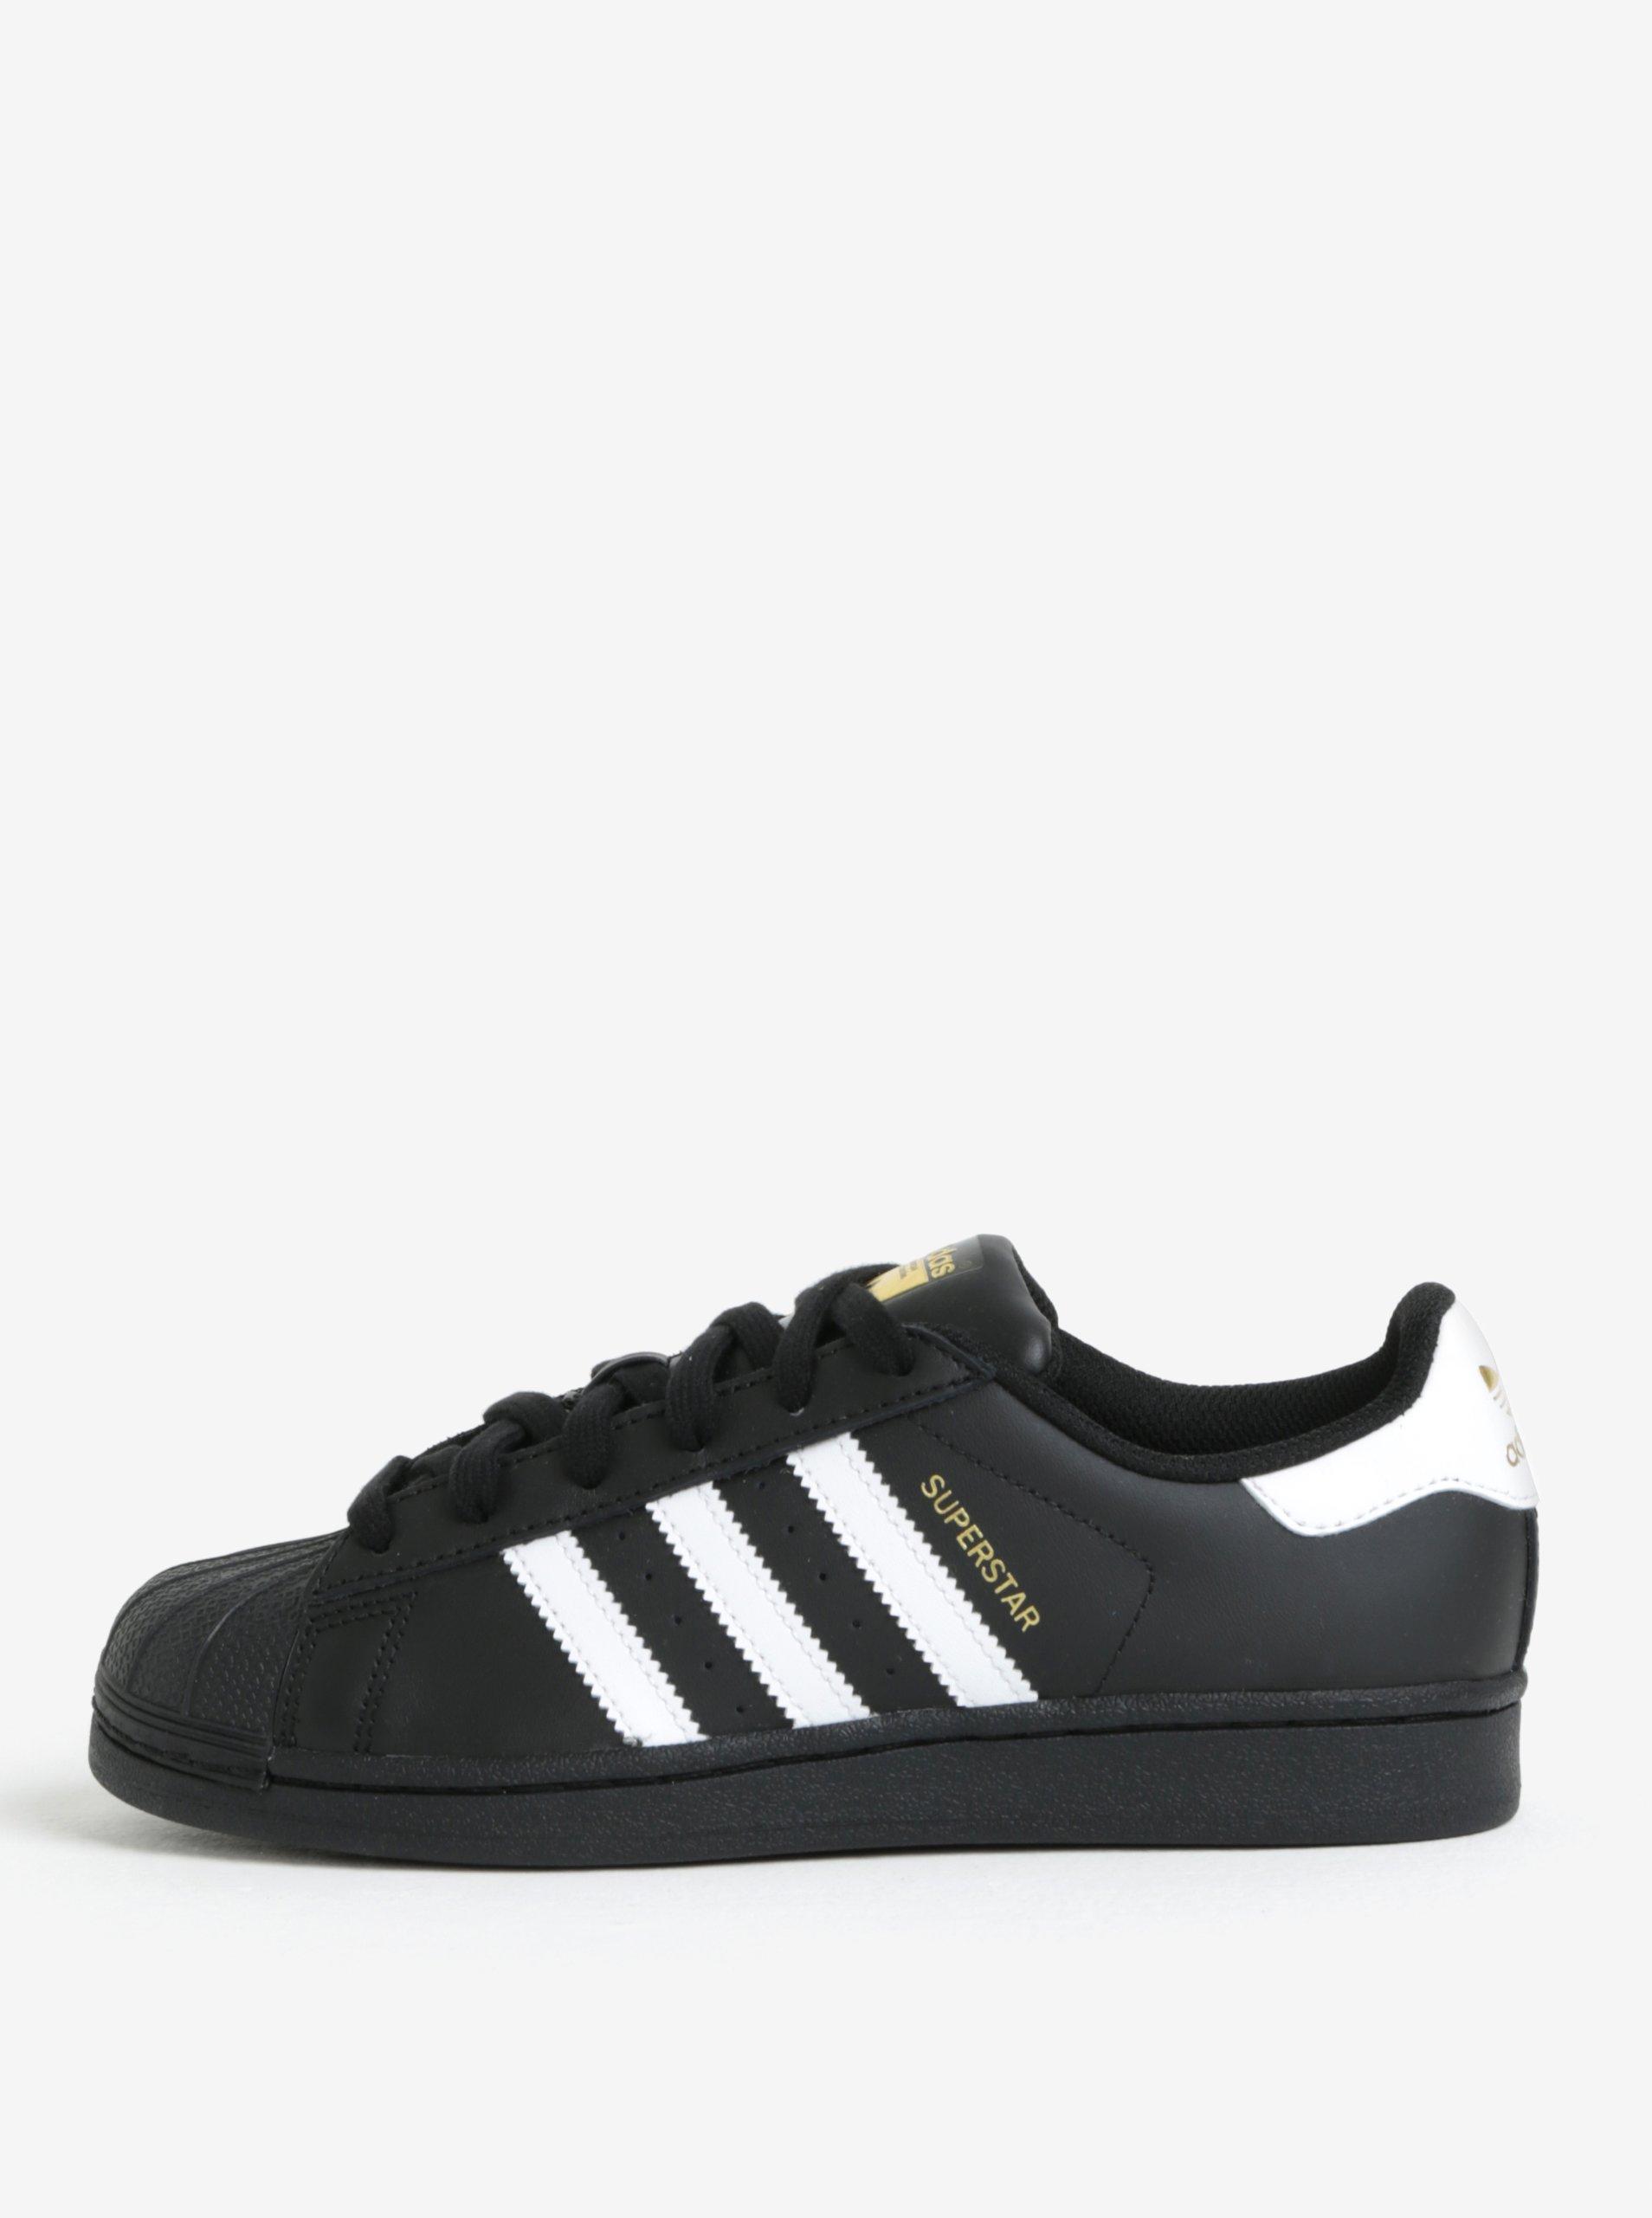 3cfb63c46b0a Čierne kožené tenisky adidas Originals Superstar